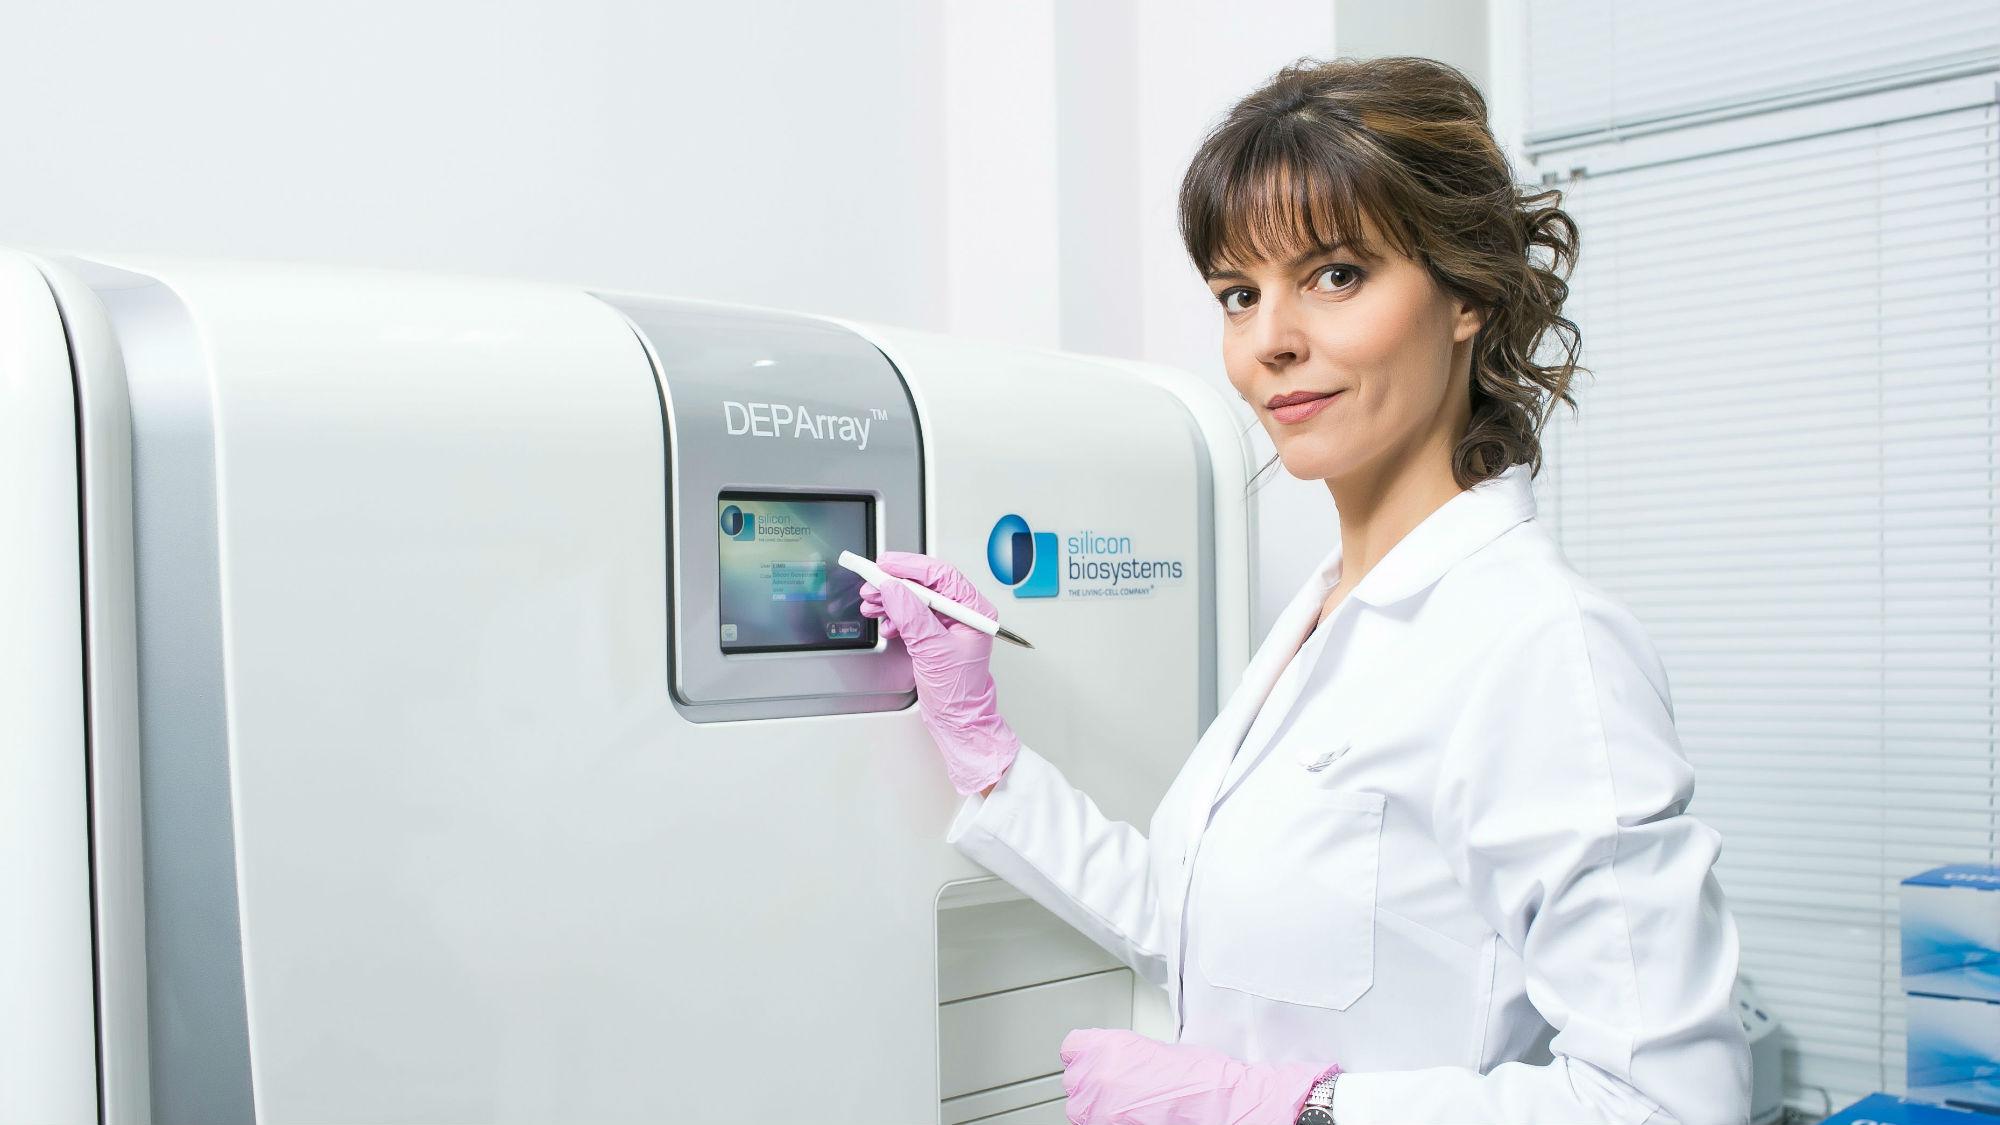 Анна стала одним из лидеров в области комплексных геномных исследований рака в России, основанных на анализе больших массивов данных.